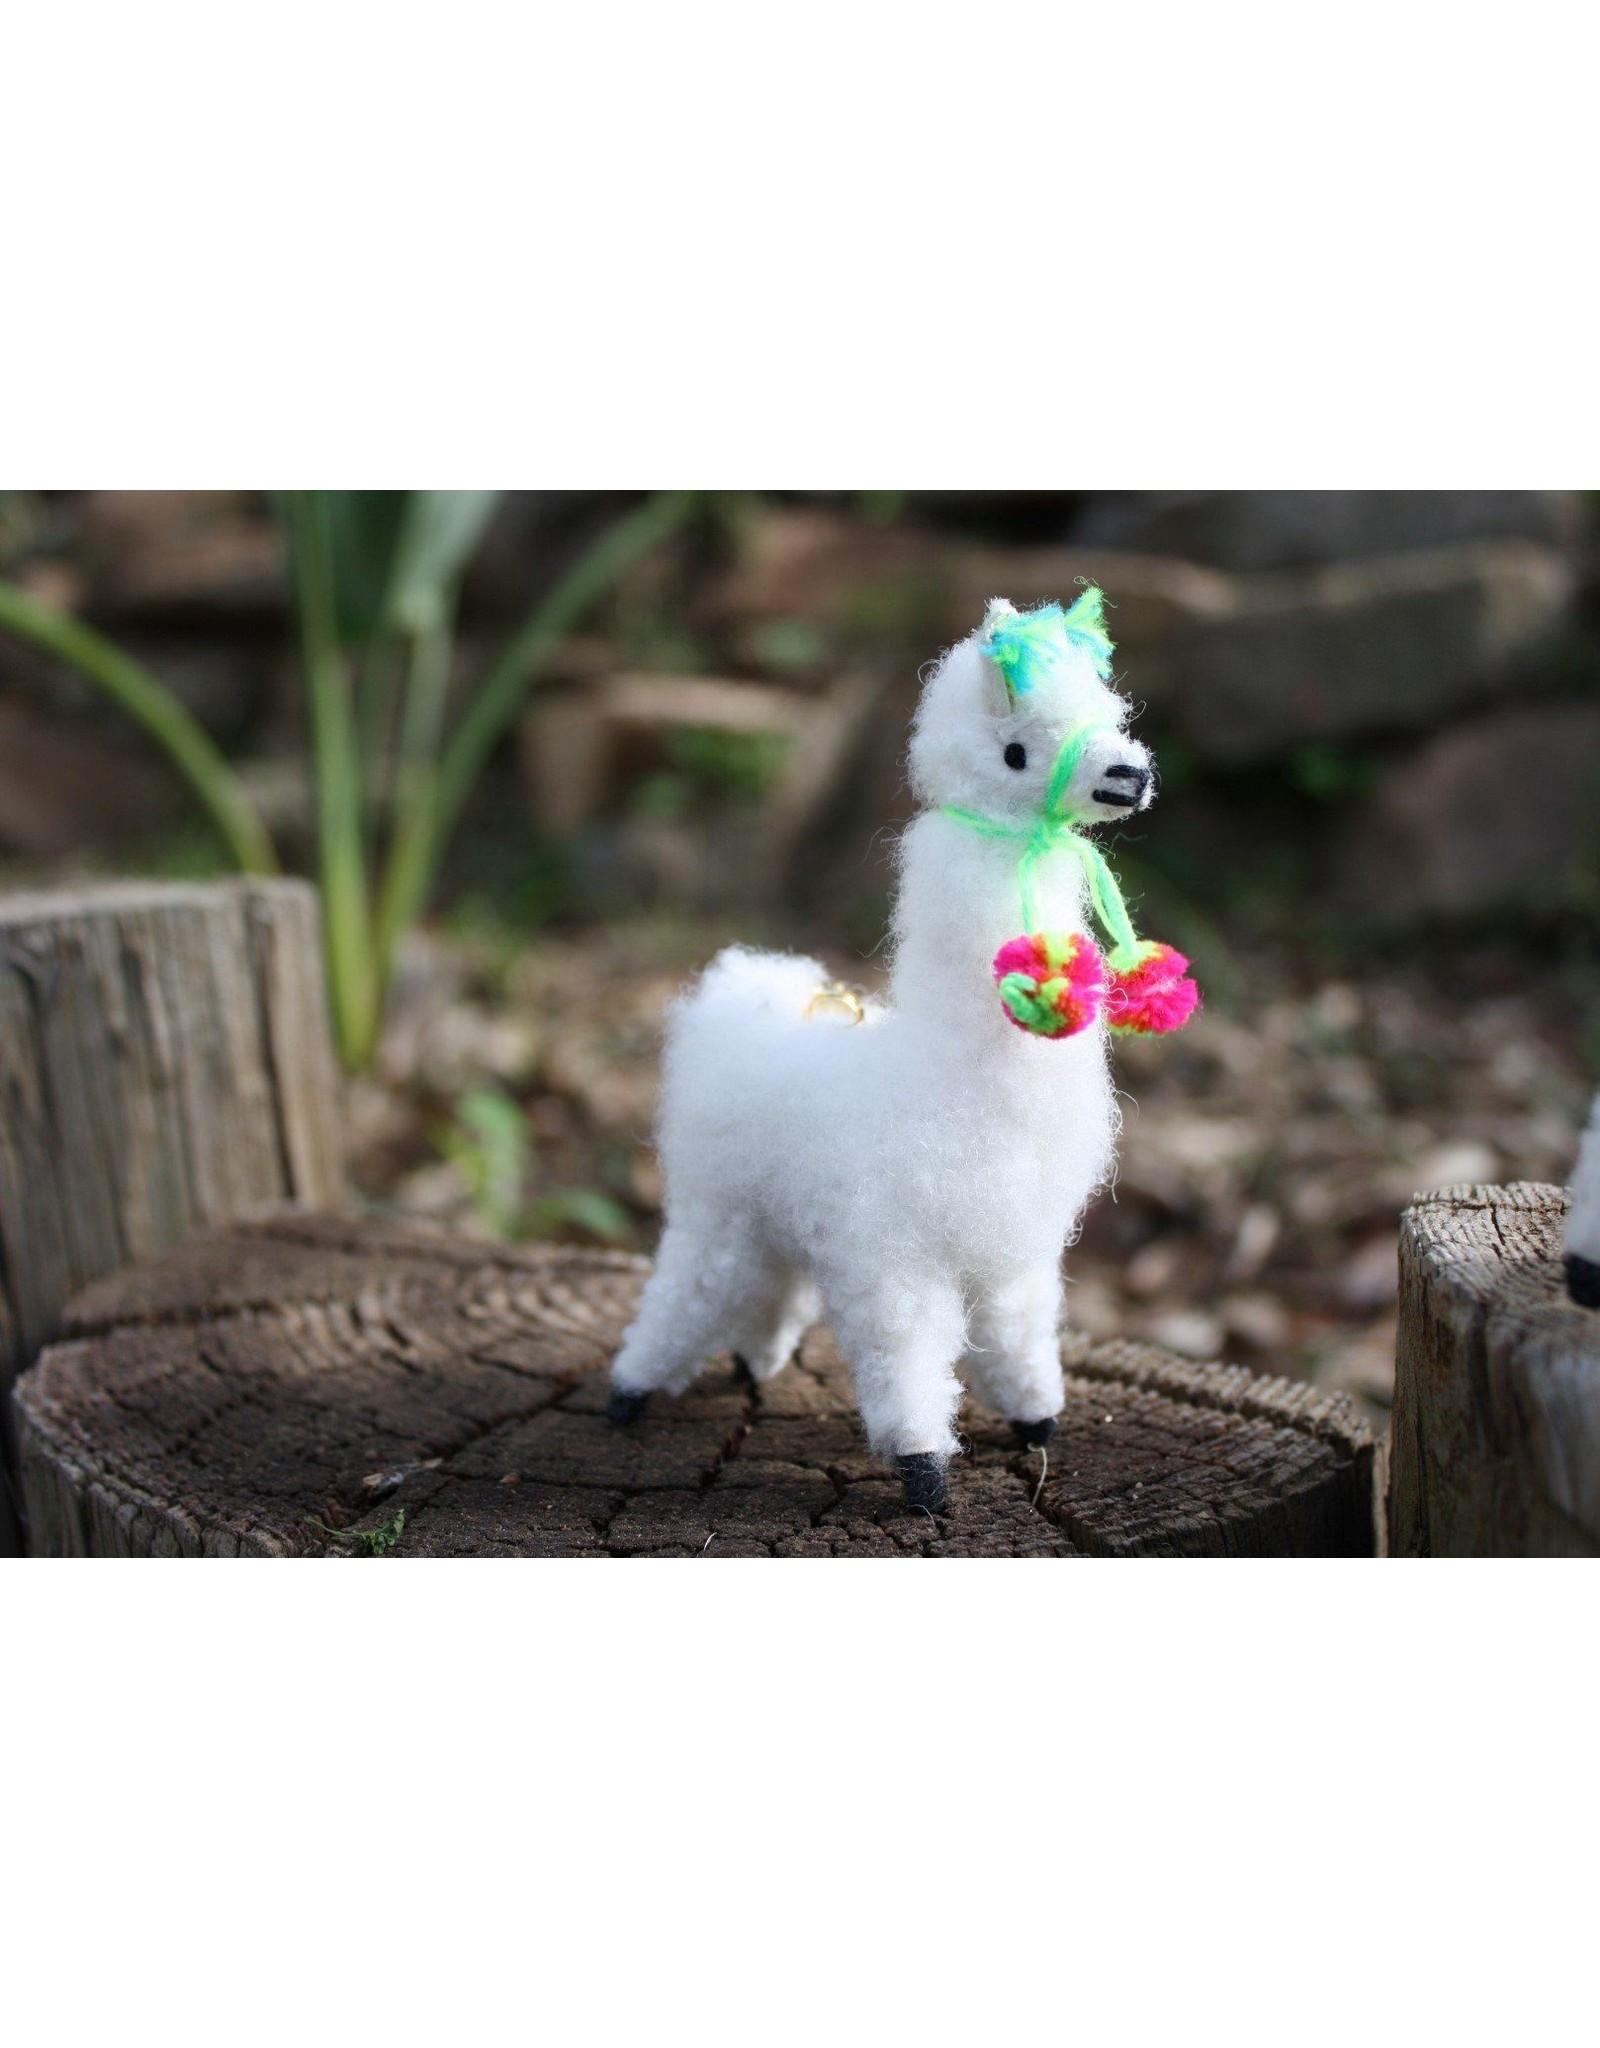 Alpaca Keychain Figurine with Green Trim